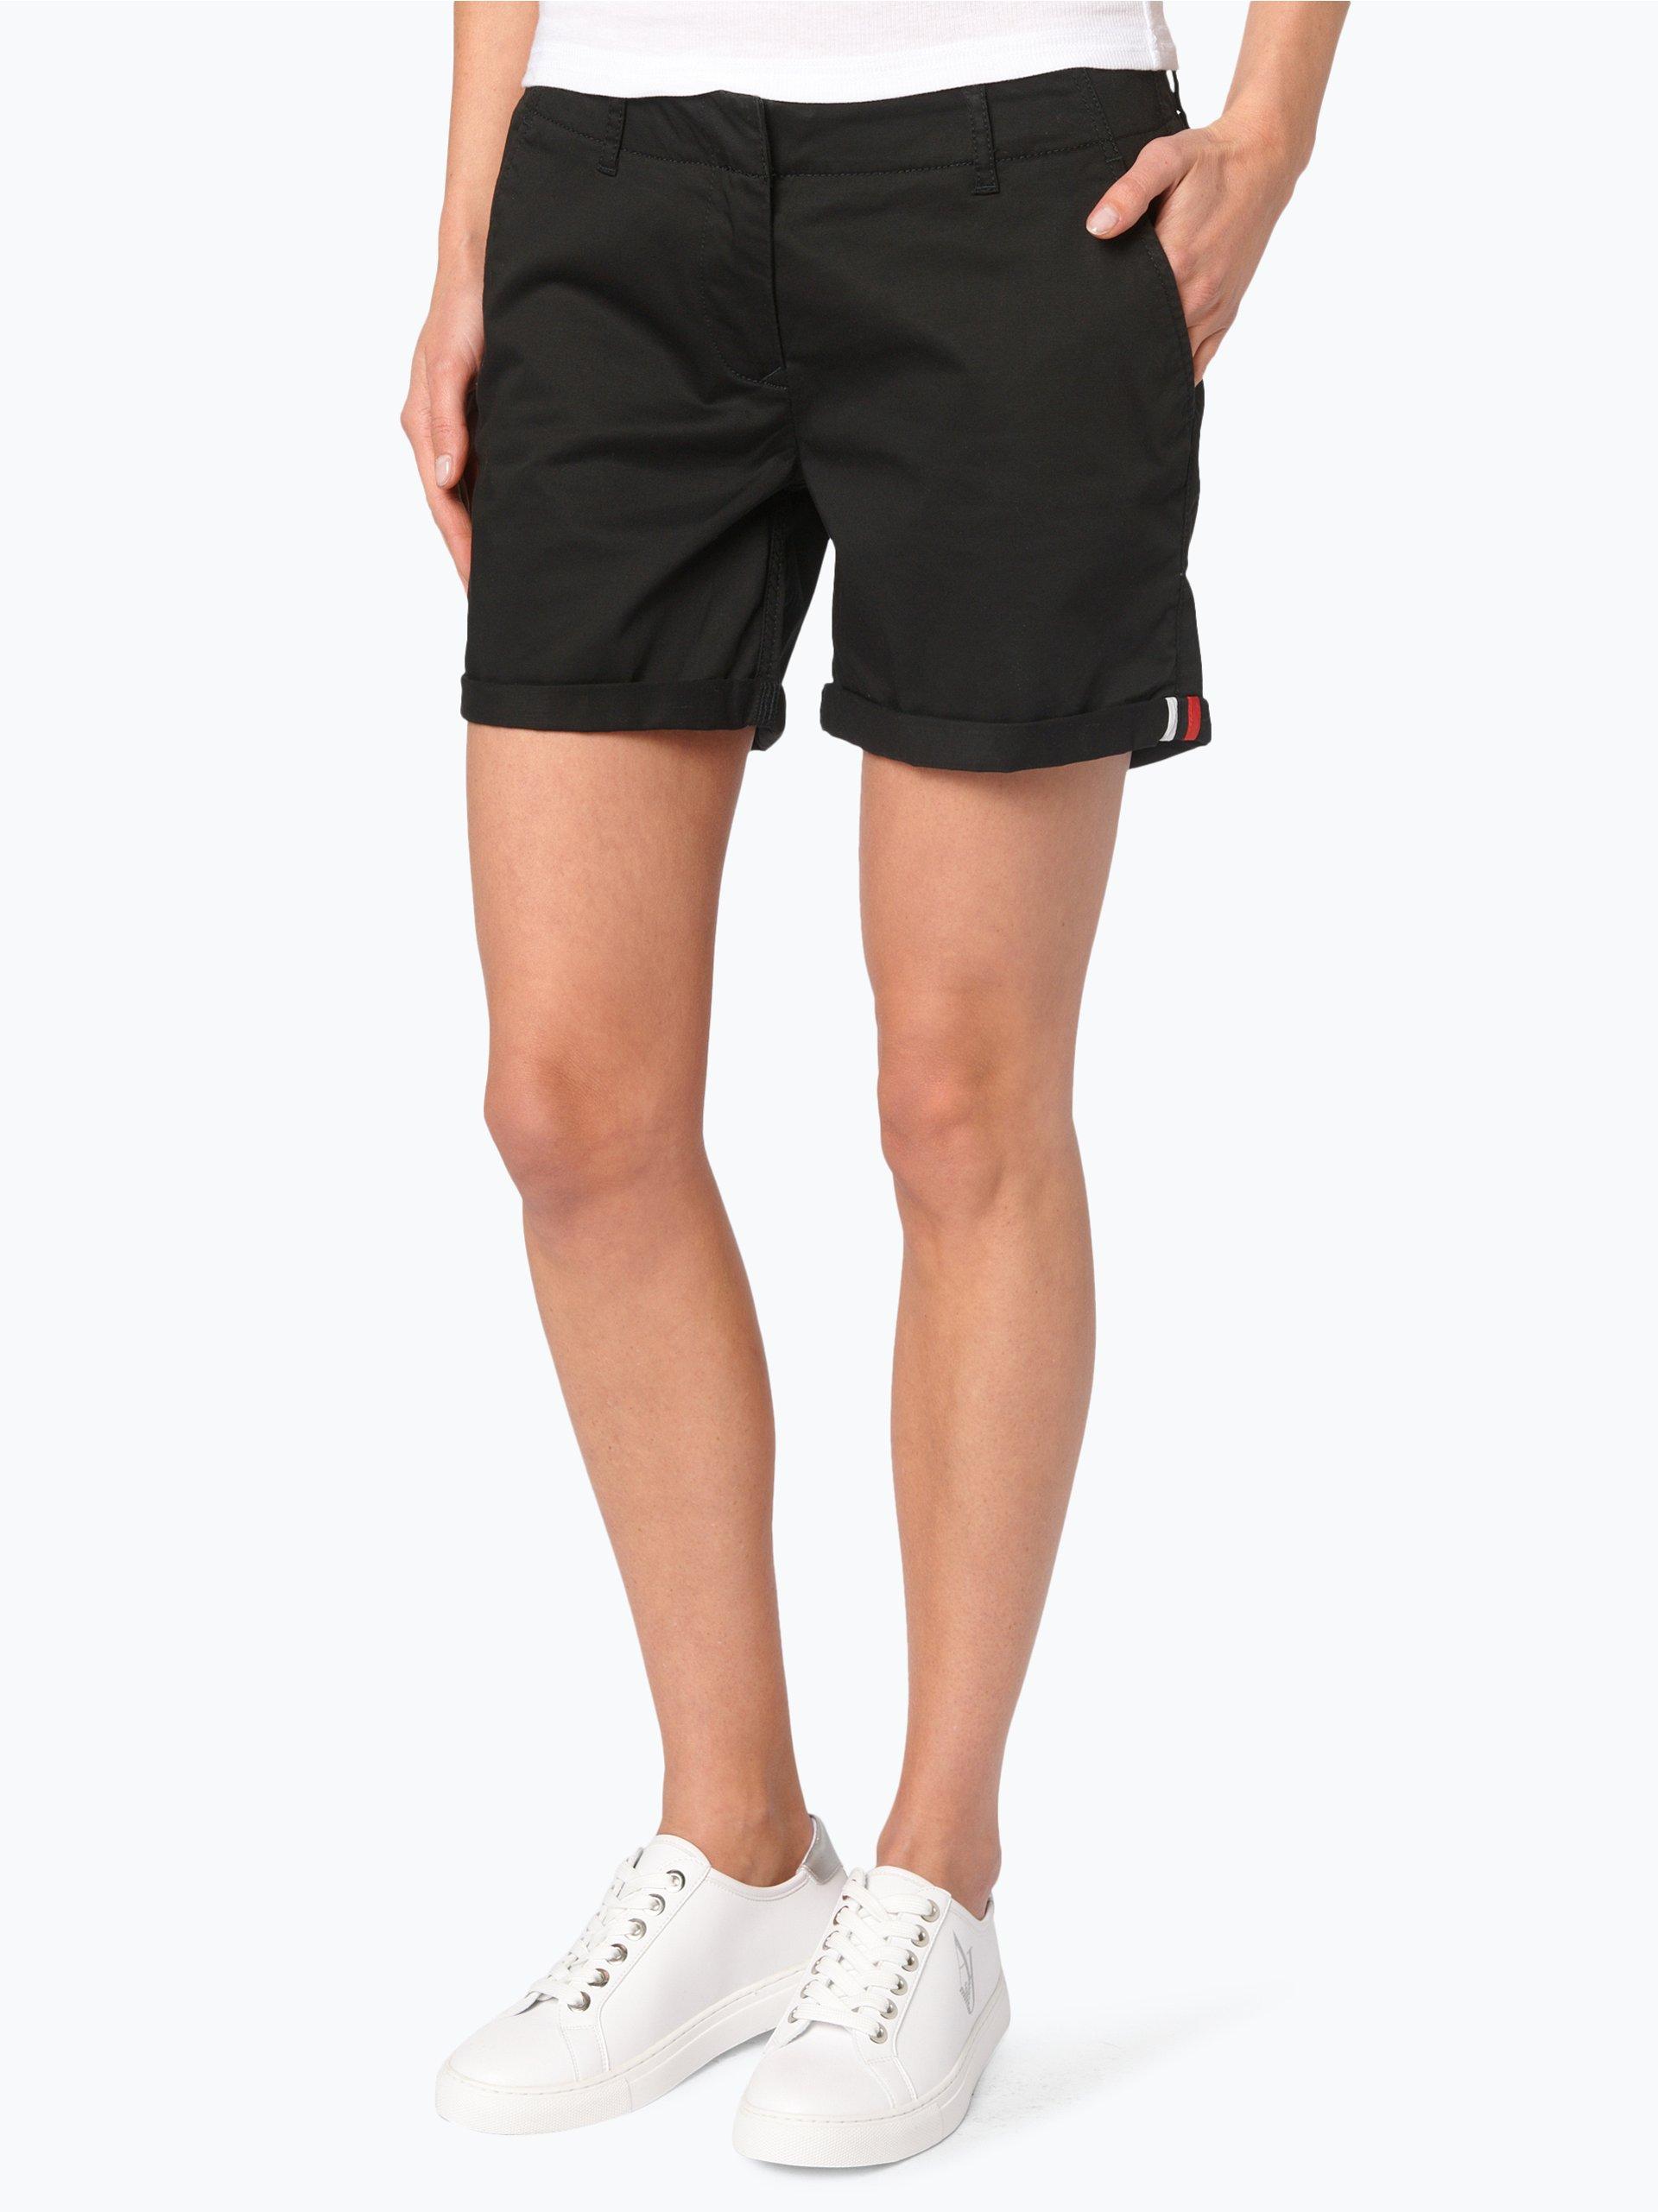 tommy jeans damen shorts schwarz uni online kaufen vangraaf com. Black Bedroom Furniture Sets. Home Design Ideas